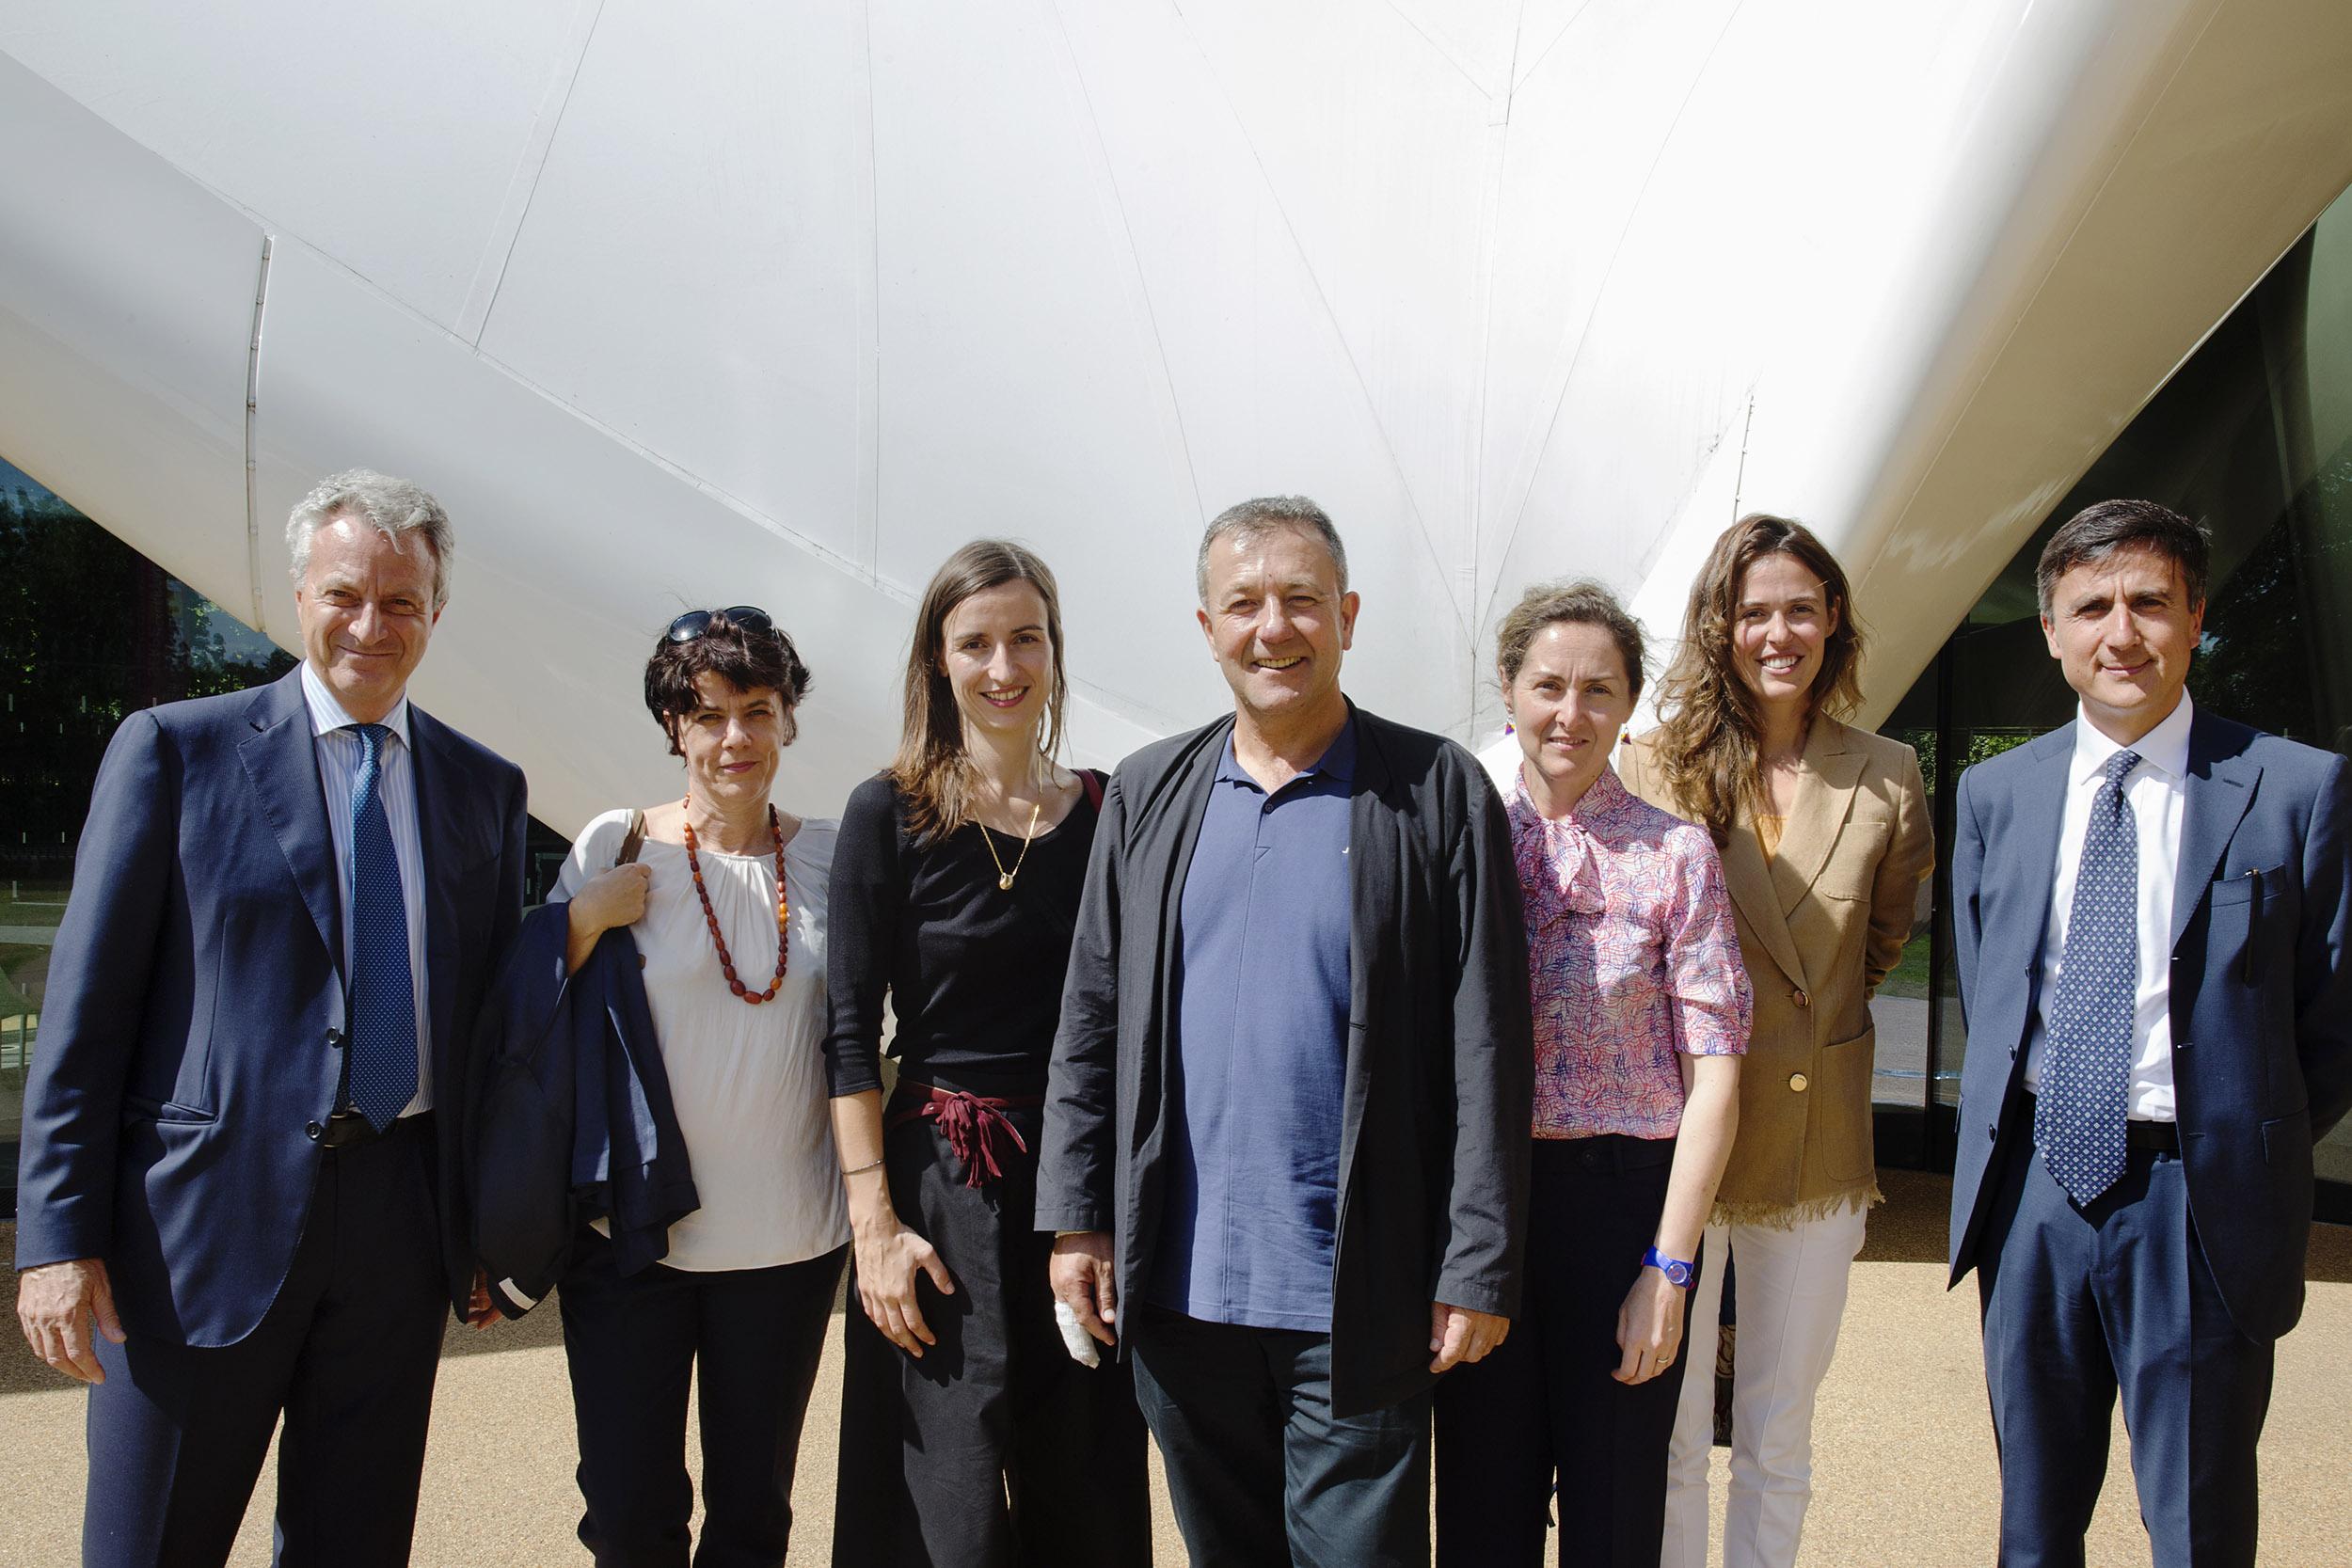 HangarBicocca, le persone Foto Lorenzo Palmieri